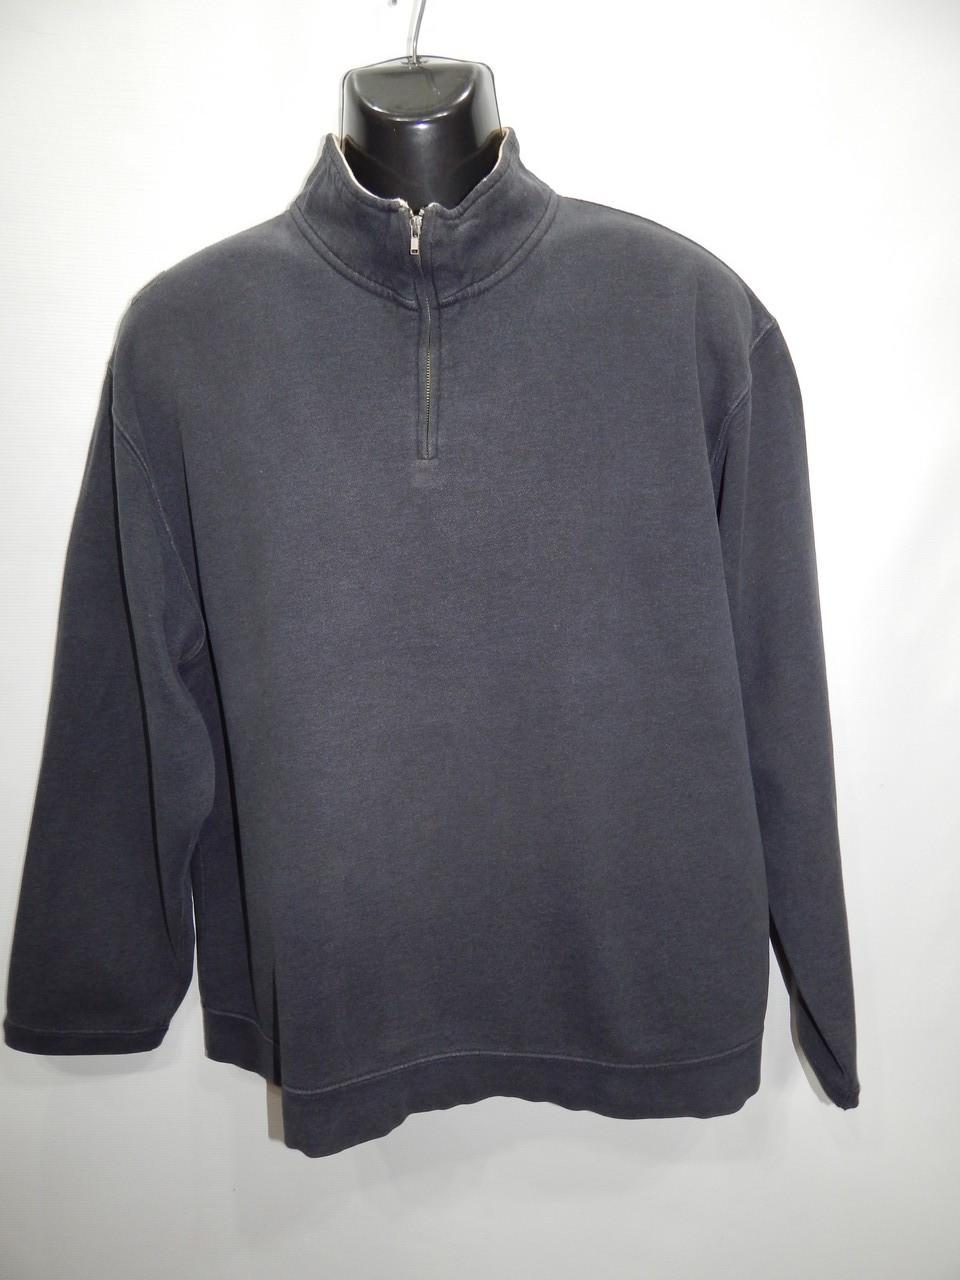 Мужская теплая кофта Croft&Barrow р.52-54 052SMT